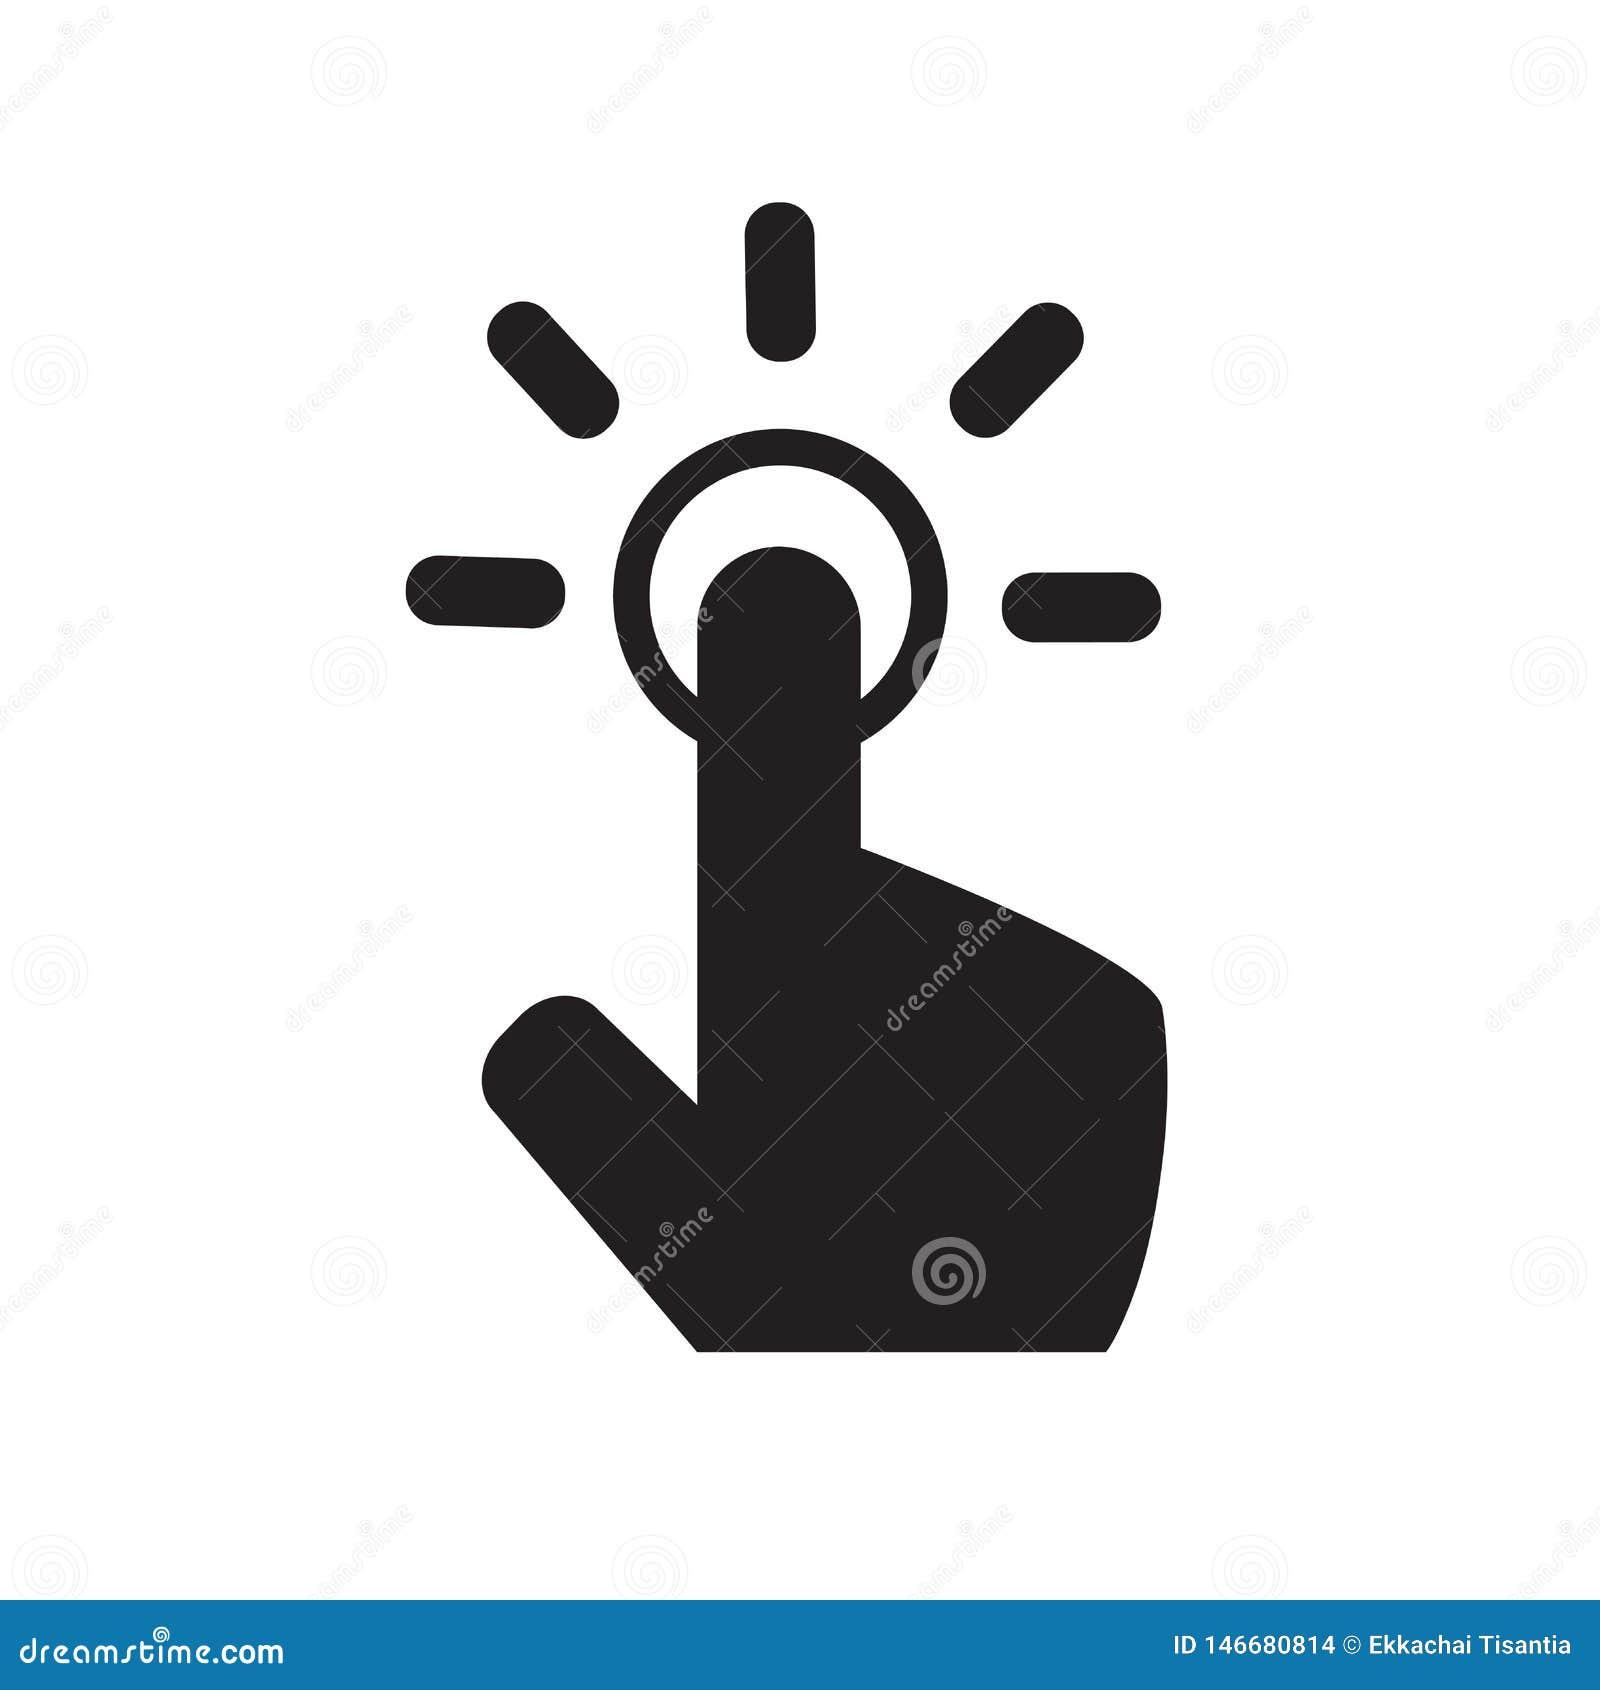 Icono del gesto del tacto Icono de la mano icono del cursor de la pantalla táctil Un tecleo